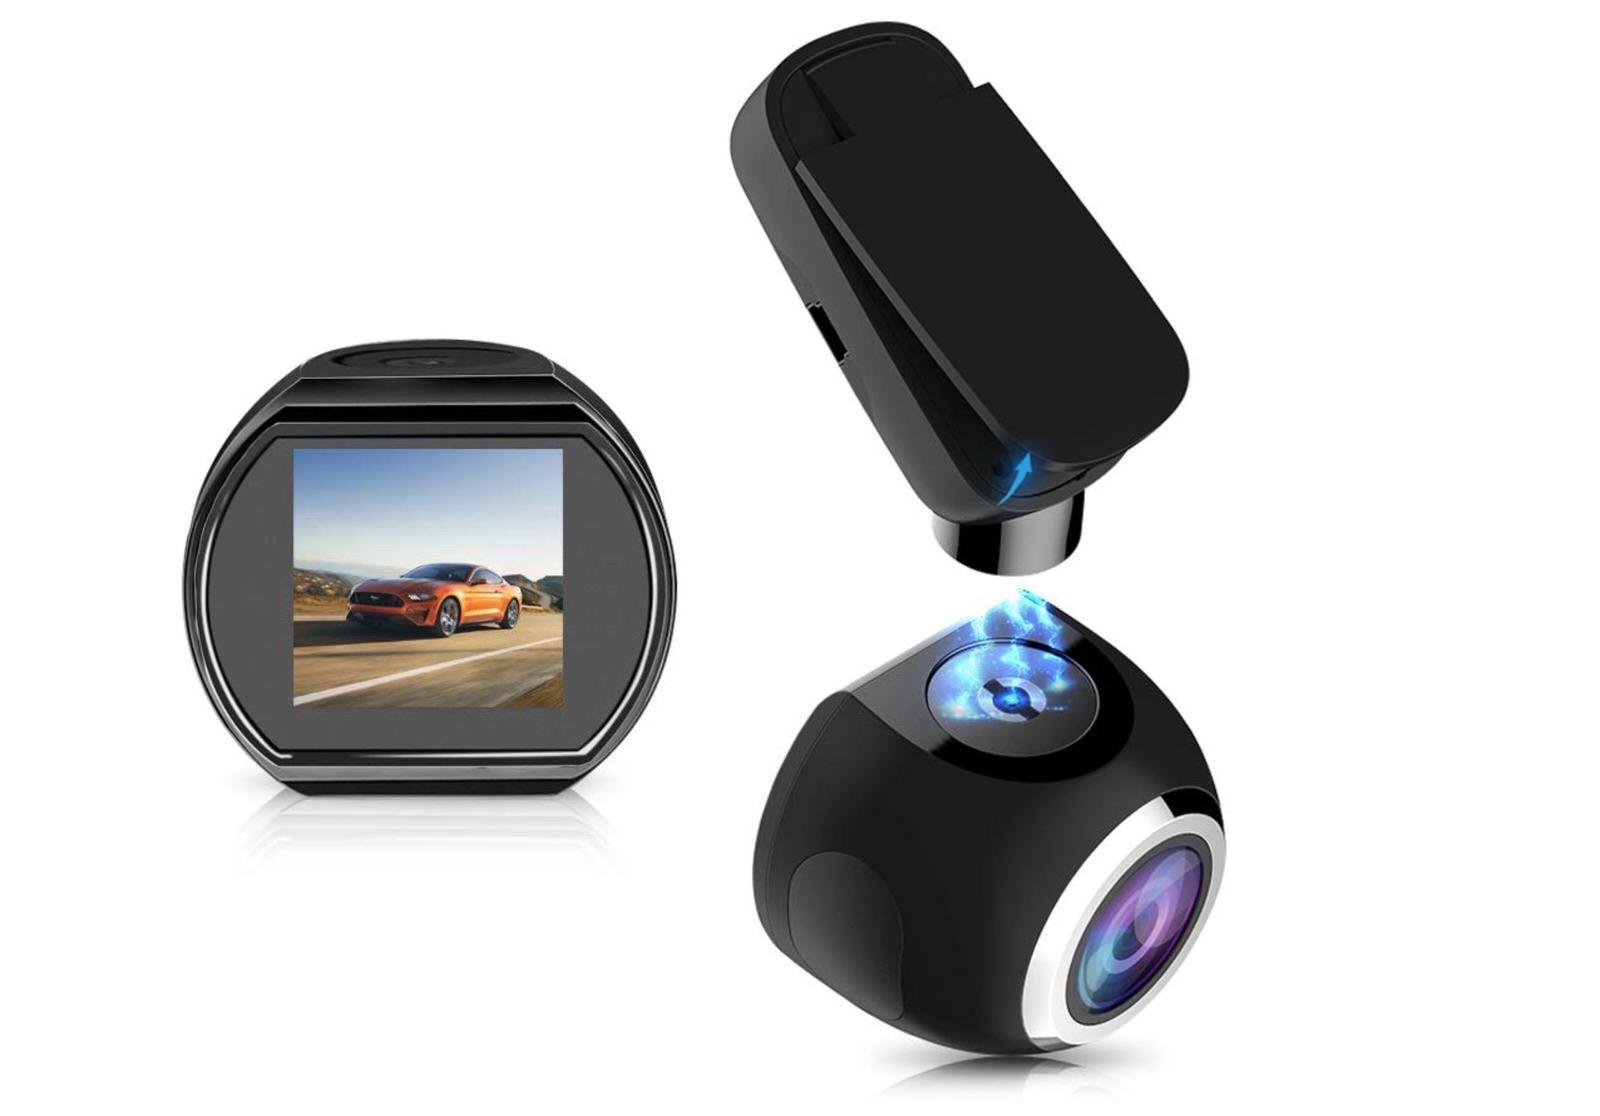 ドライブレコーダー WiFi【2018年最新版】HQBKiNG WiFi ドラレコ 1080PフルHD SONYセンサー搭載 高画質 ミニ 小型車載カメラ-1